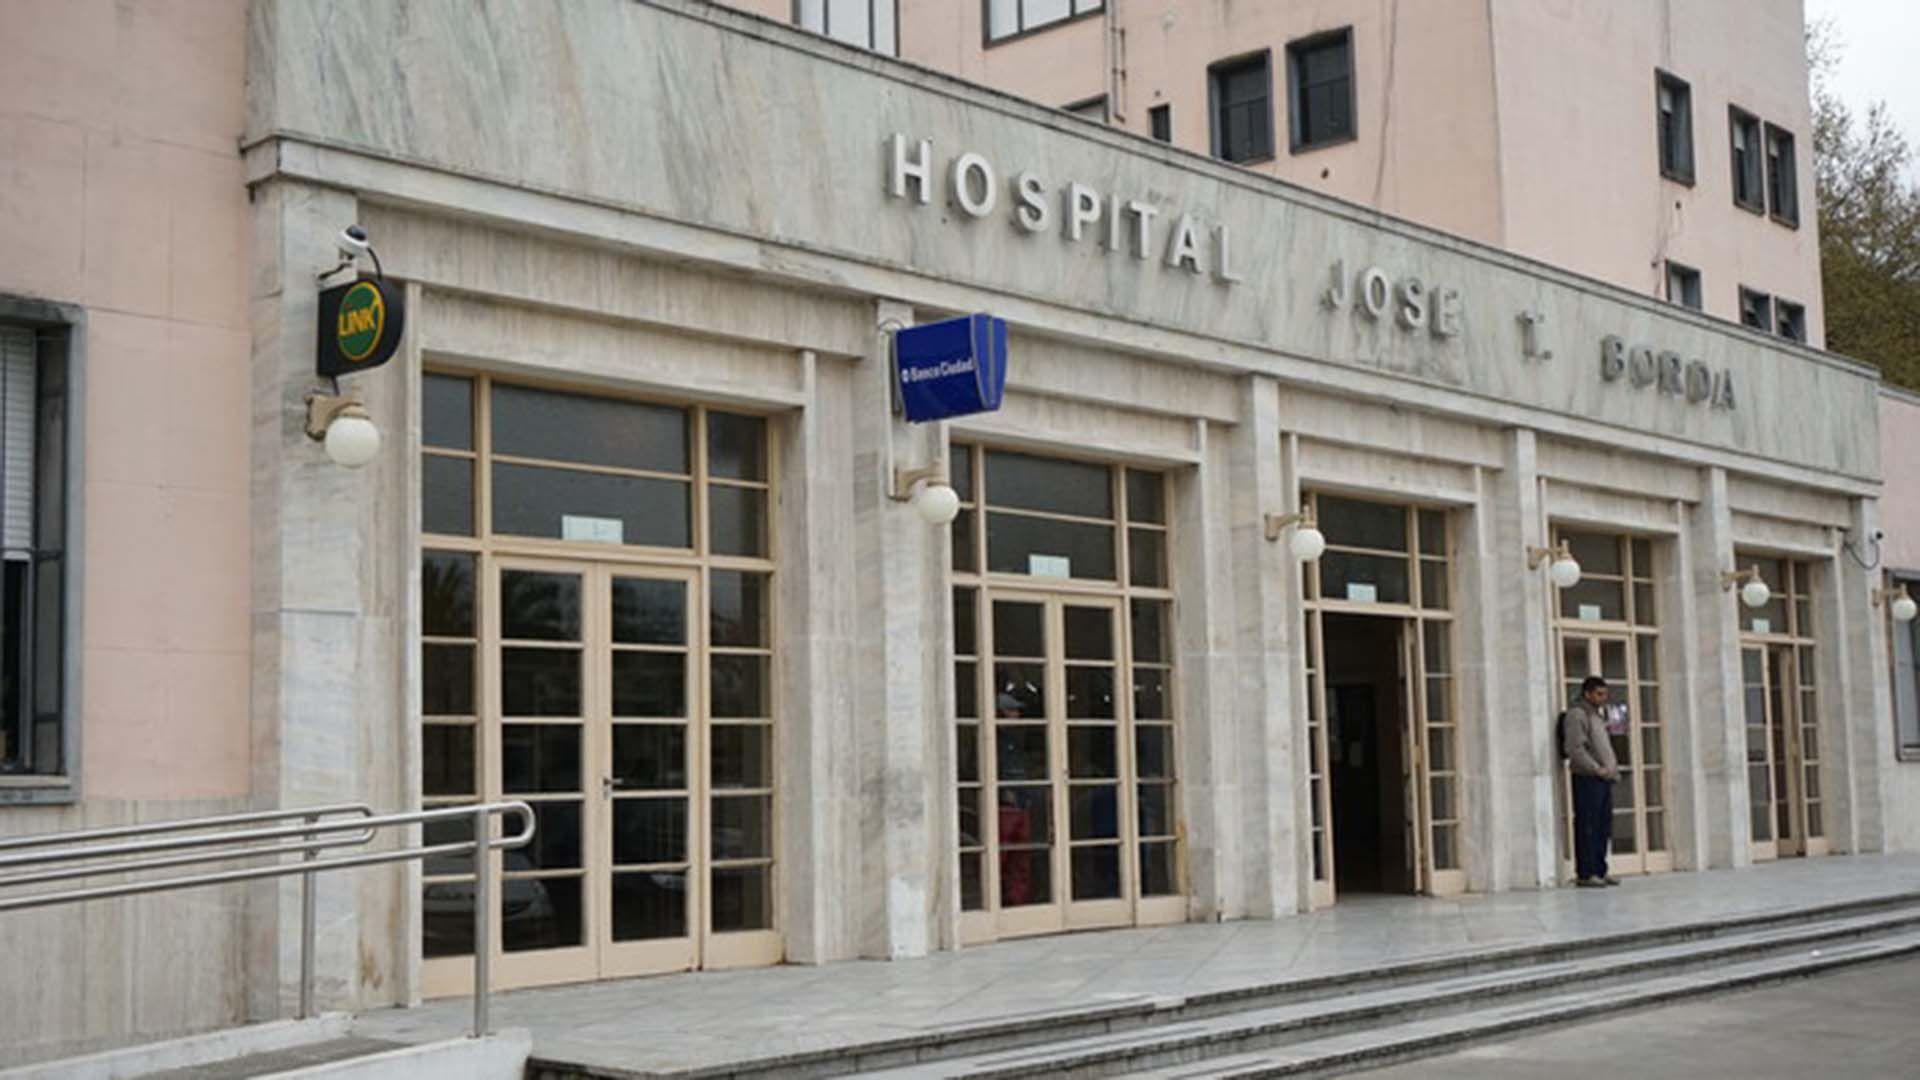 Se confirmó el primer caso positivo de COVID-19 en el Hospital Interdisciplinario Psicoasistencial José Tiburcio Borda